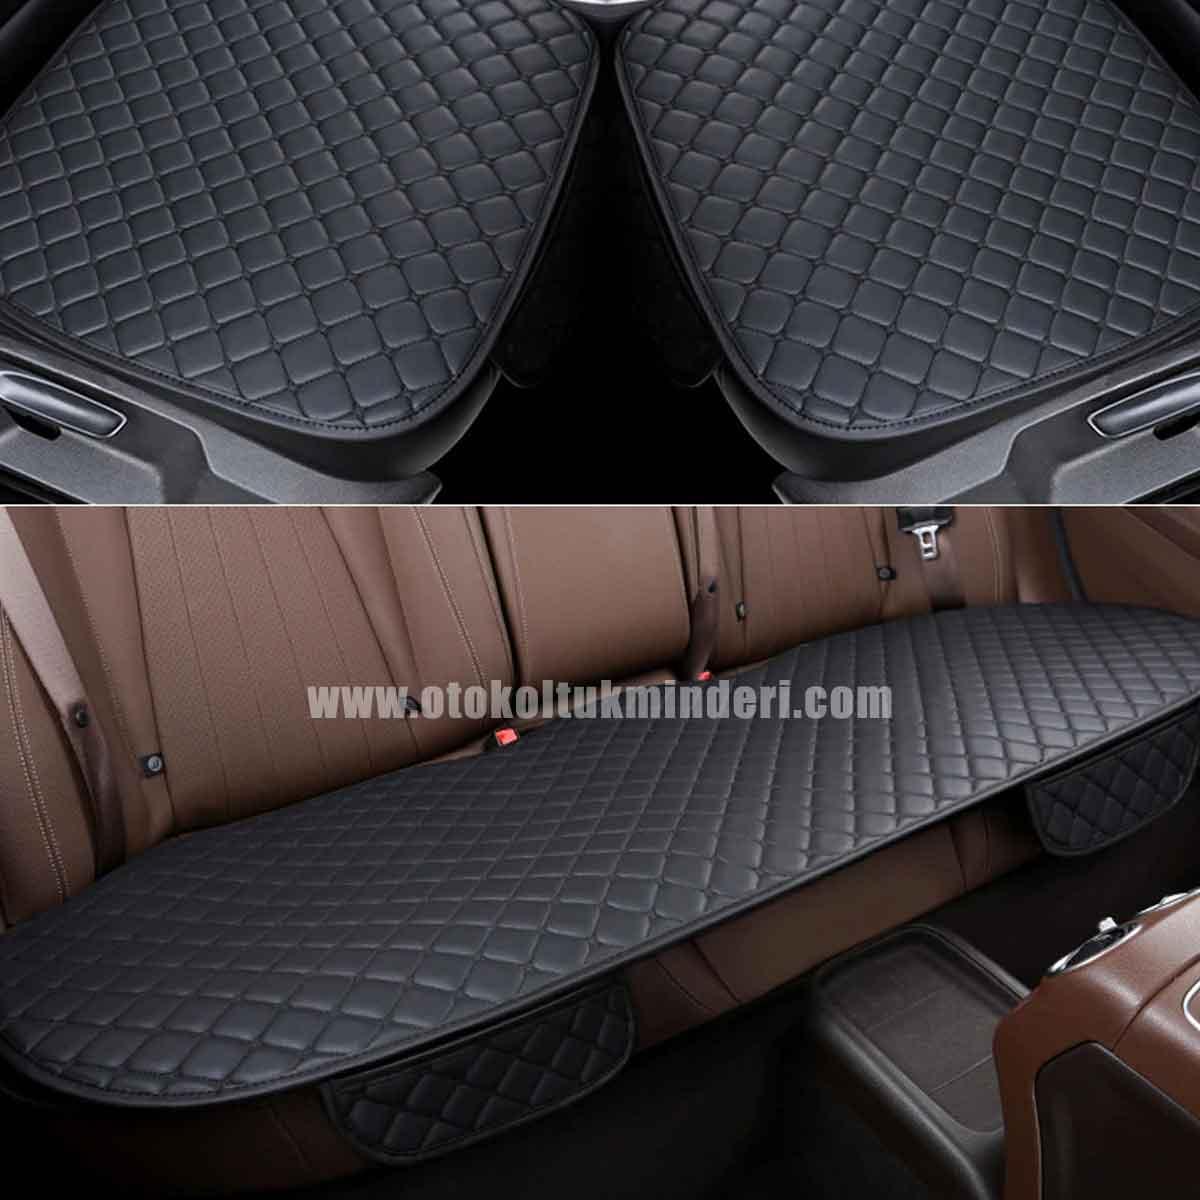 Mazda koltuk kılıfı deri - Mazda Koltuk minderi Siyah Deri Cepli